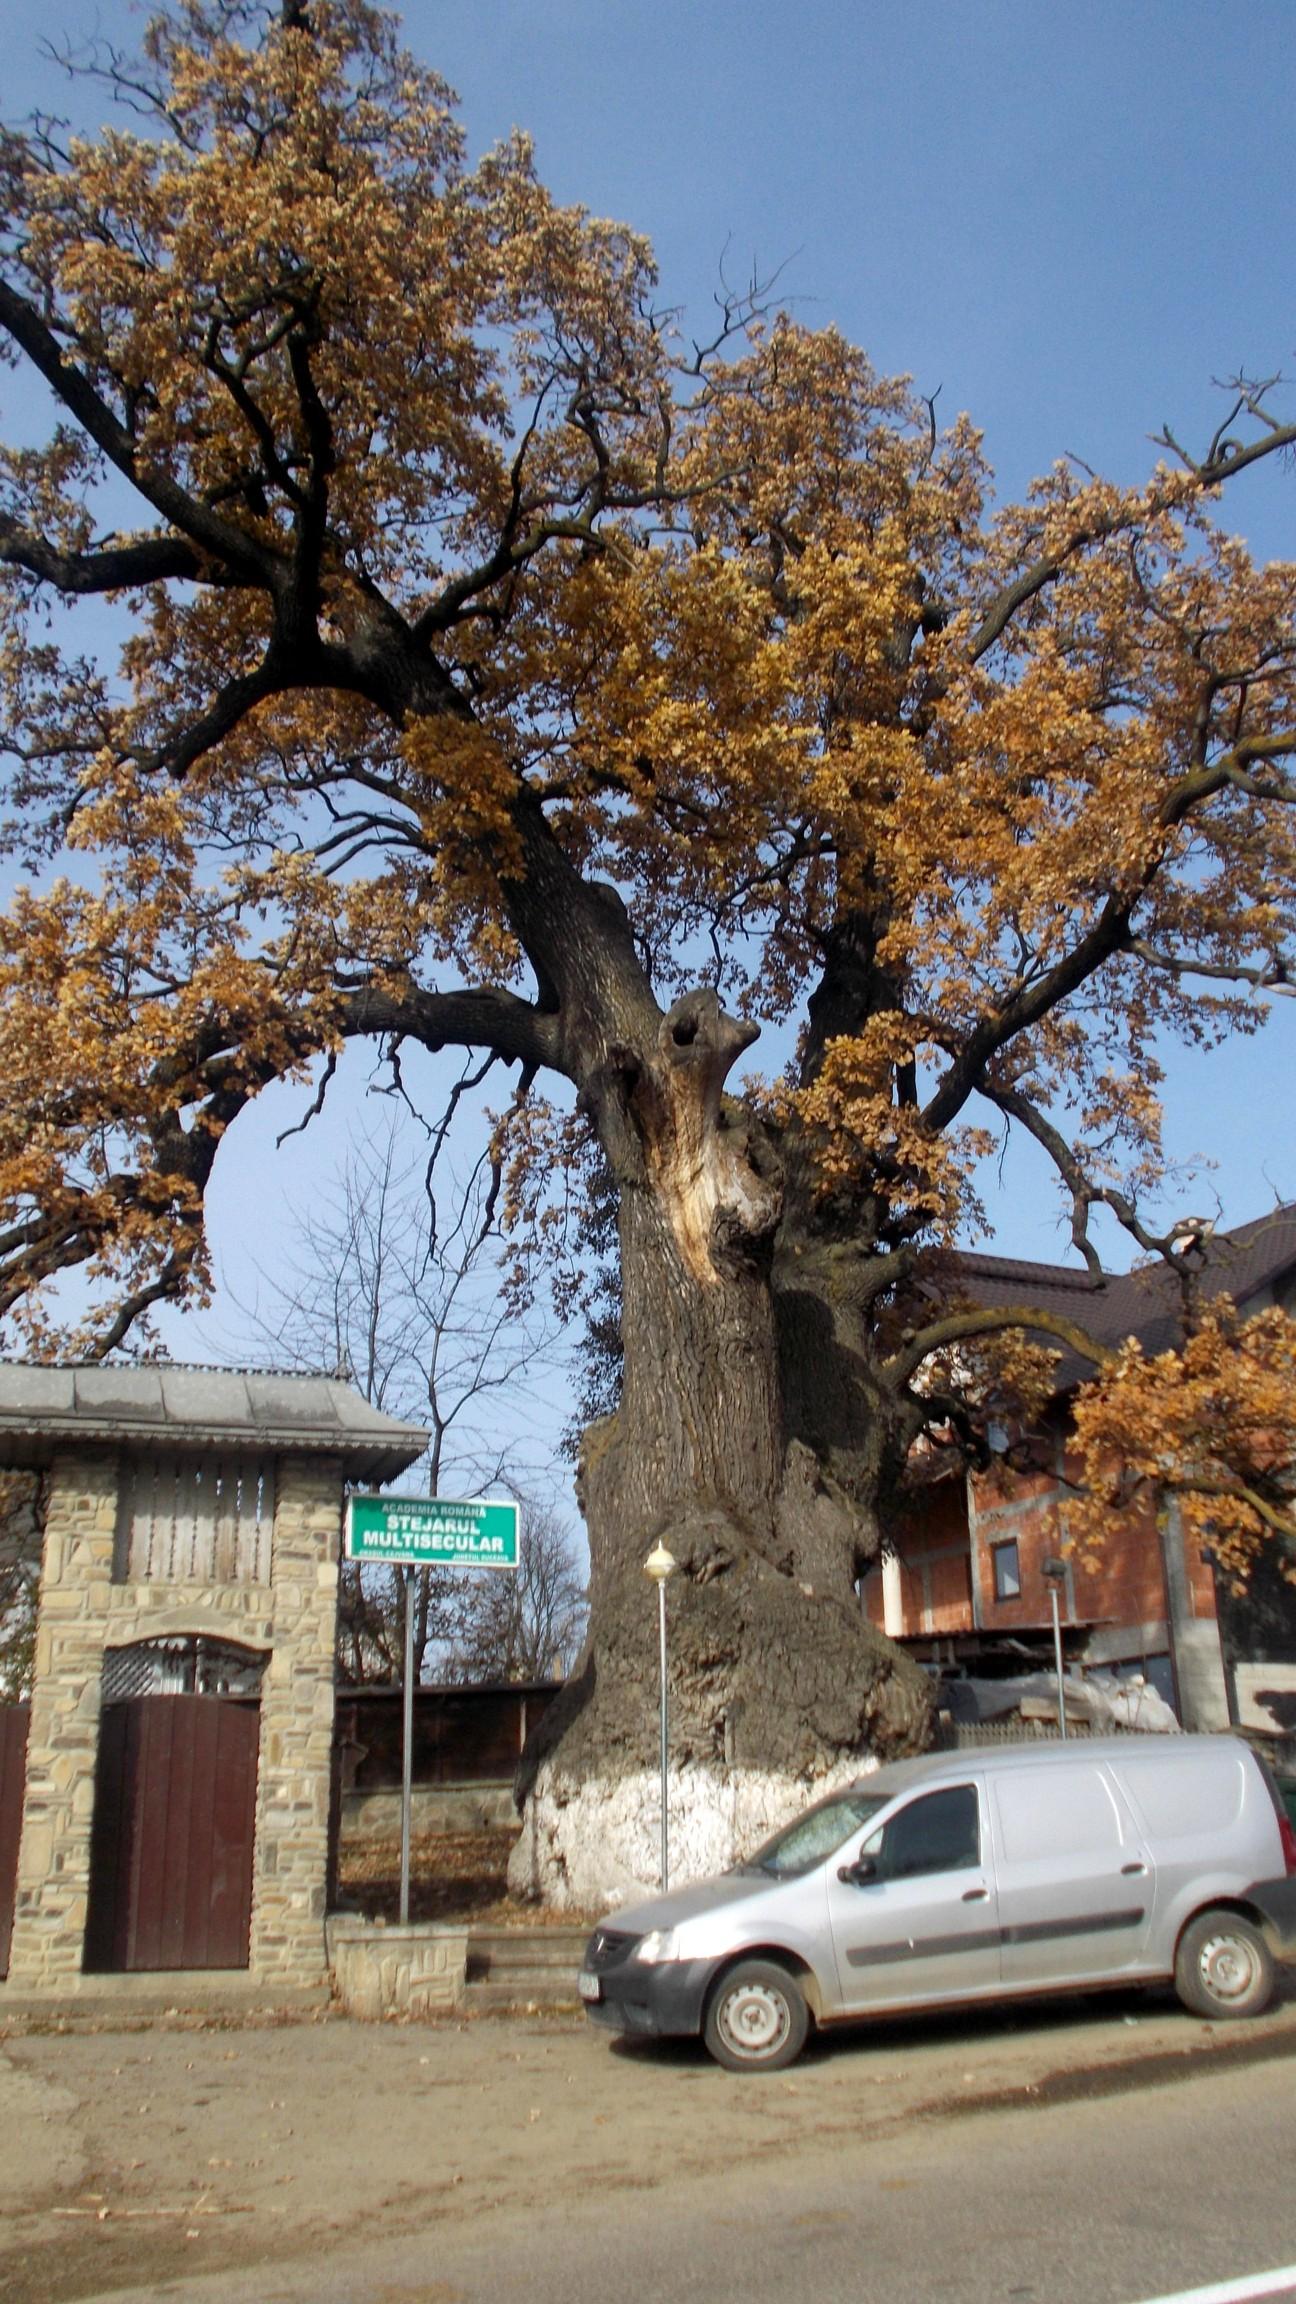 Căci stejaru-i sfânt în sat, / Nu-n grădincă la-mpărat!...